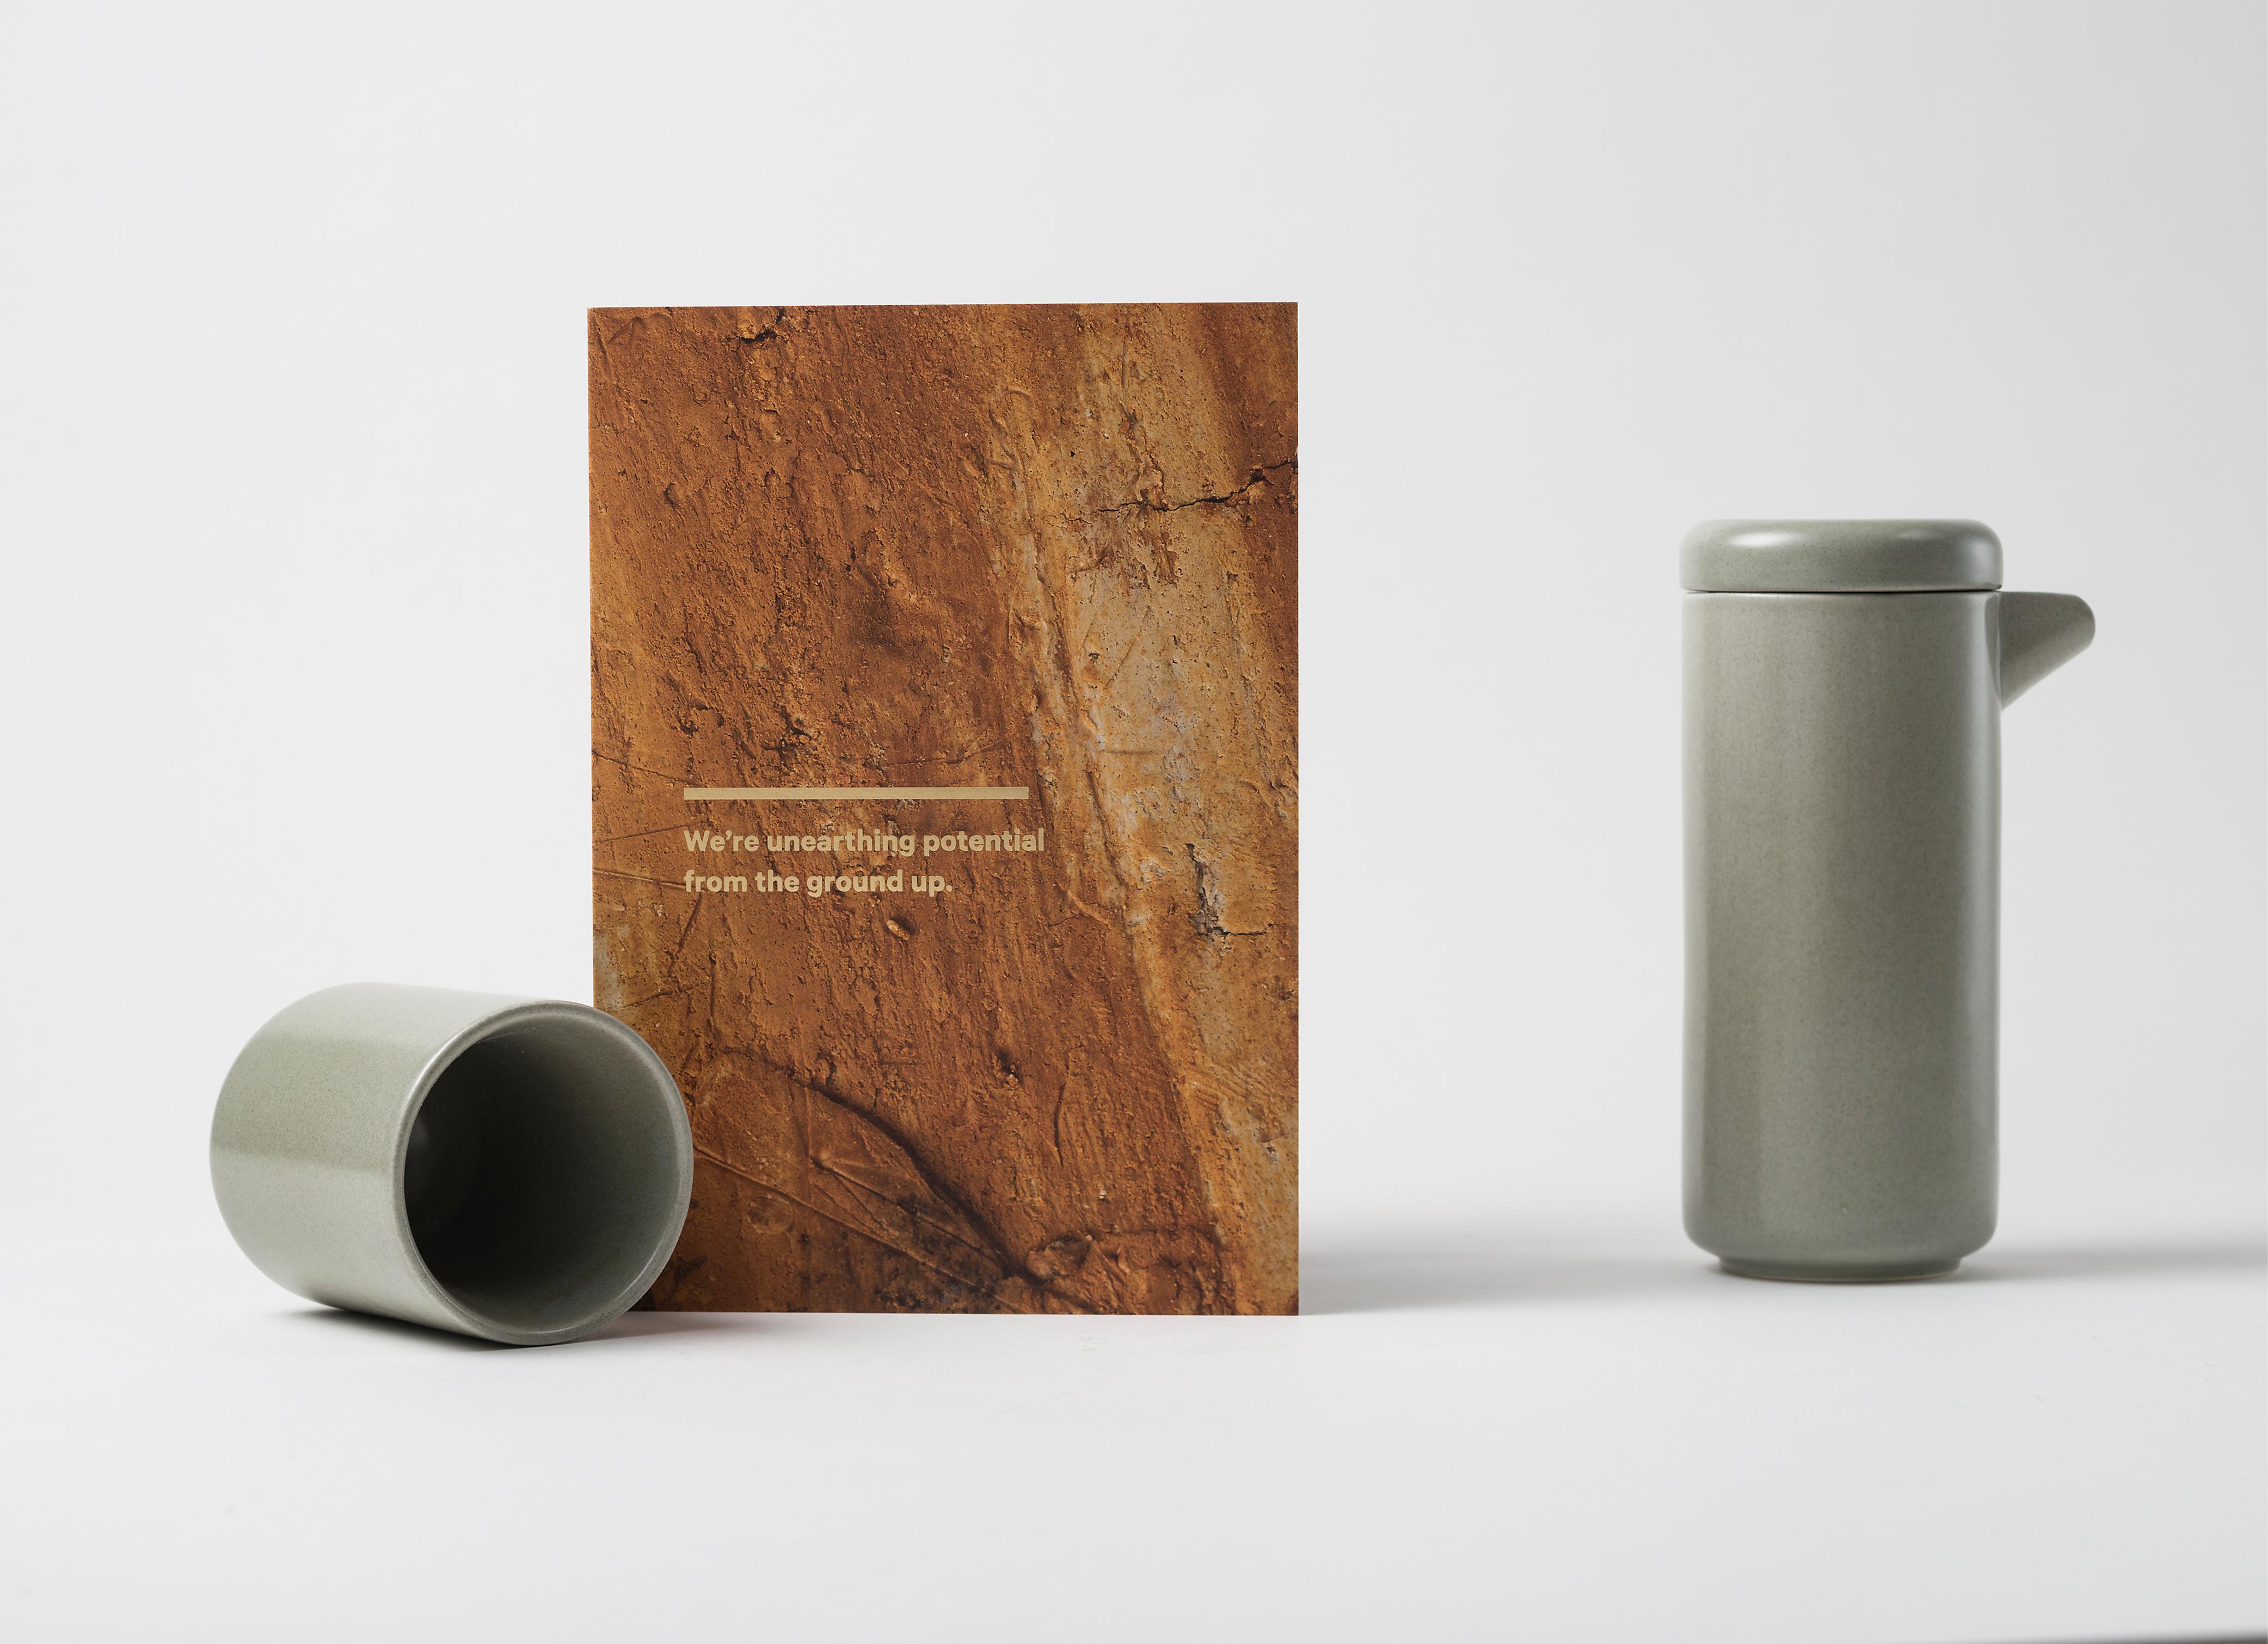 https://emmakaniuk.com/wp-content/uploads/2018/06/NZICC-Tea-2000-x-1450-px4.jpg